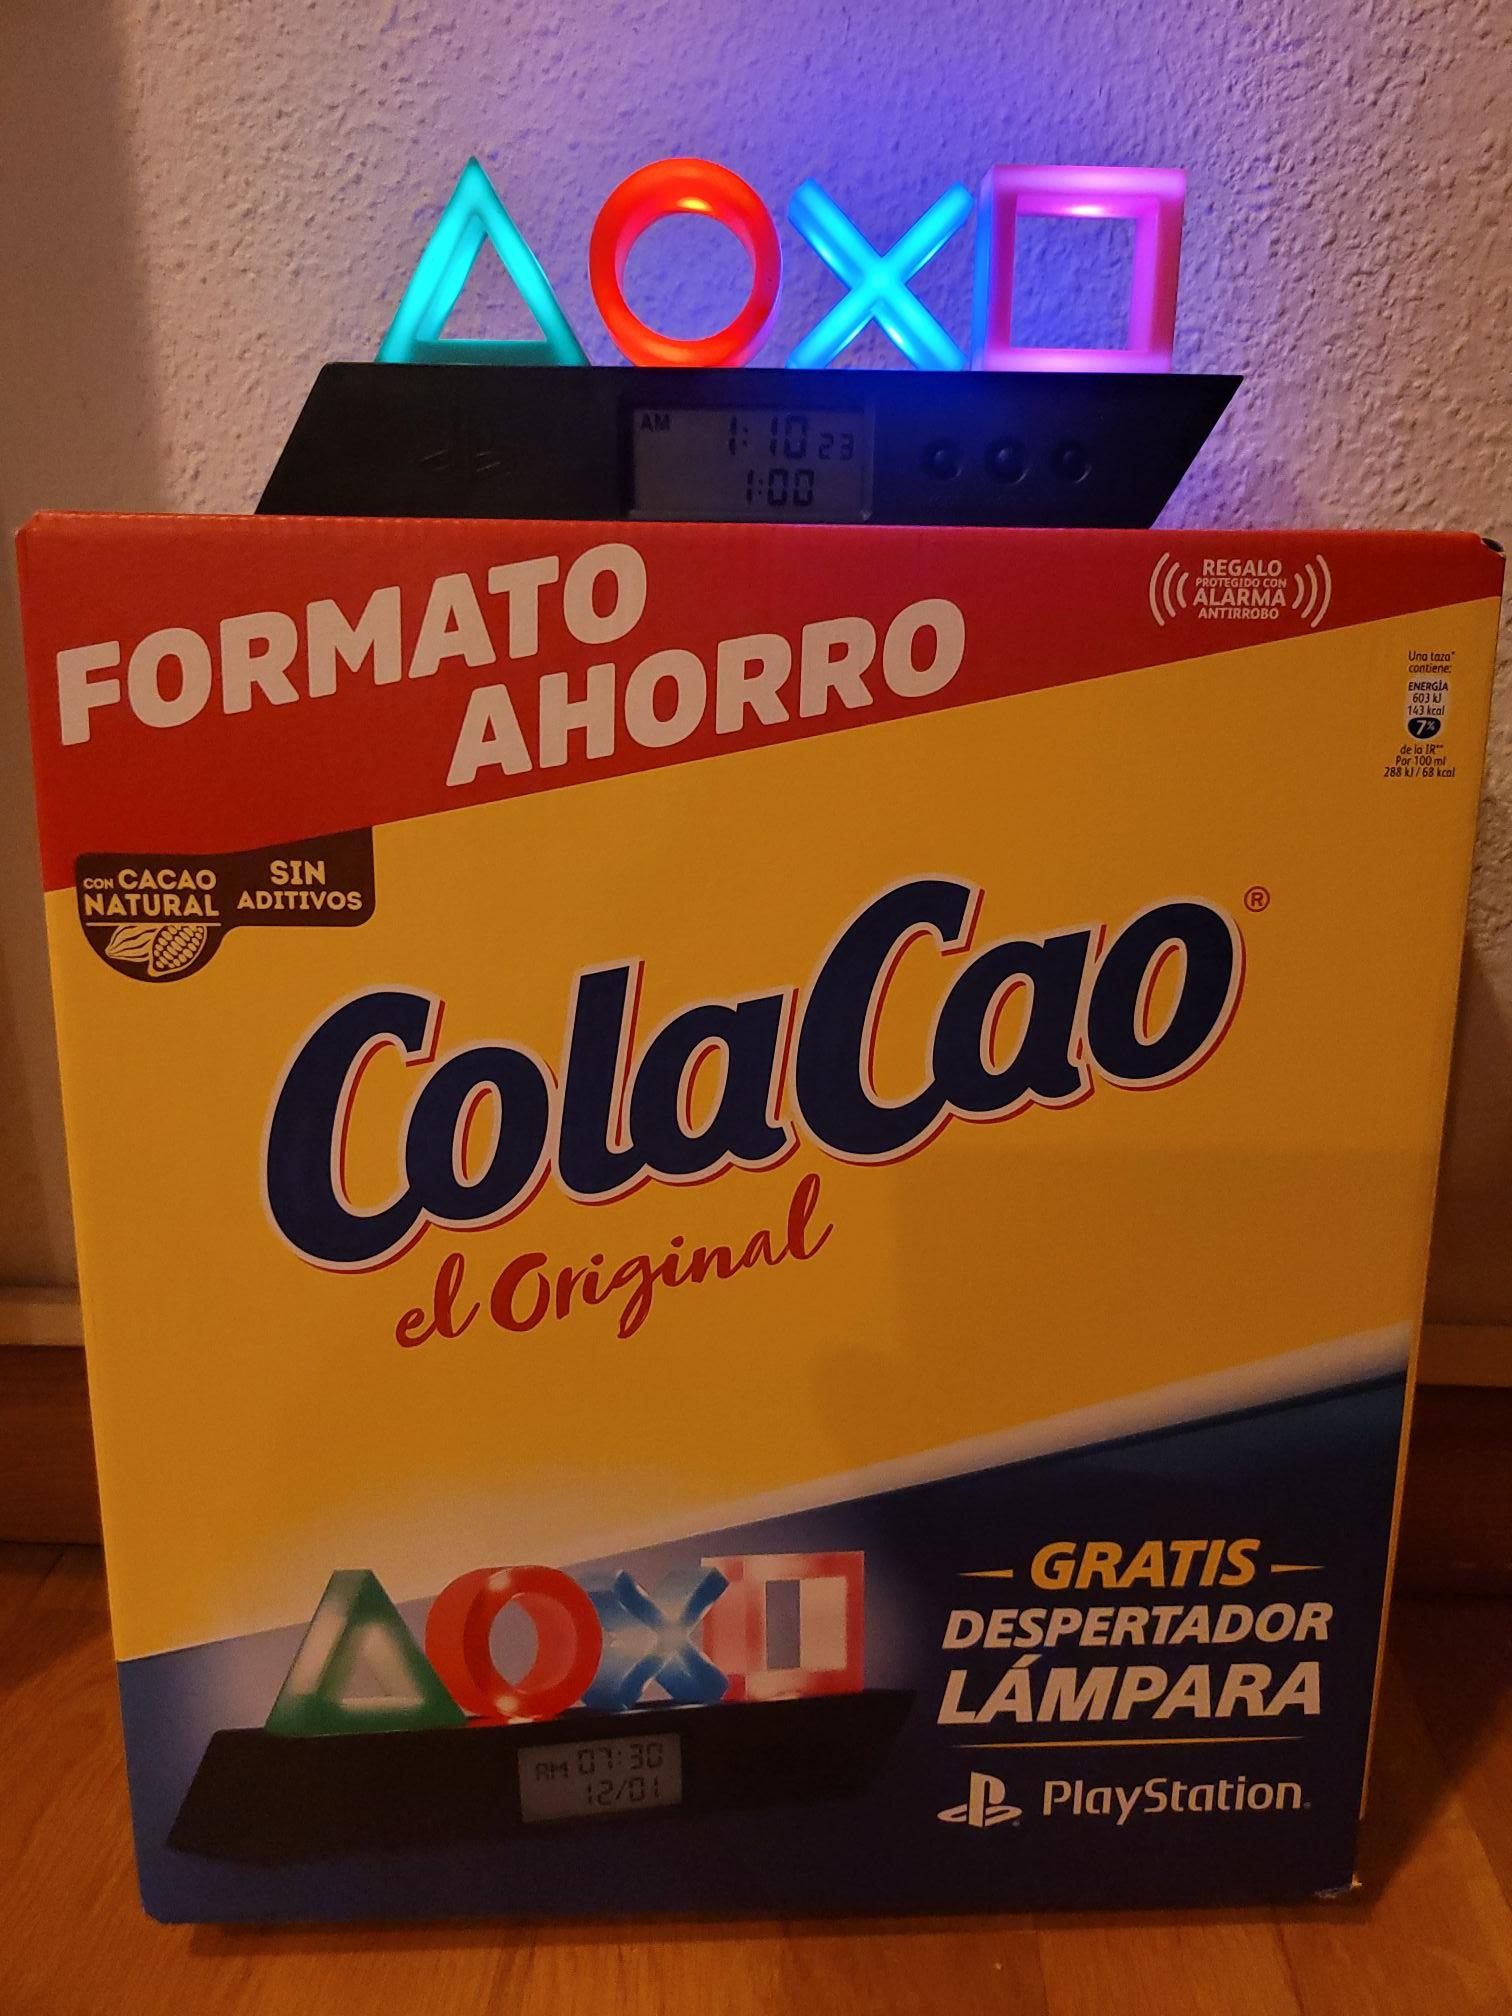 ColaCao 2.7kg + Regalo lámpara despertador PlayStation, Carrefour.